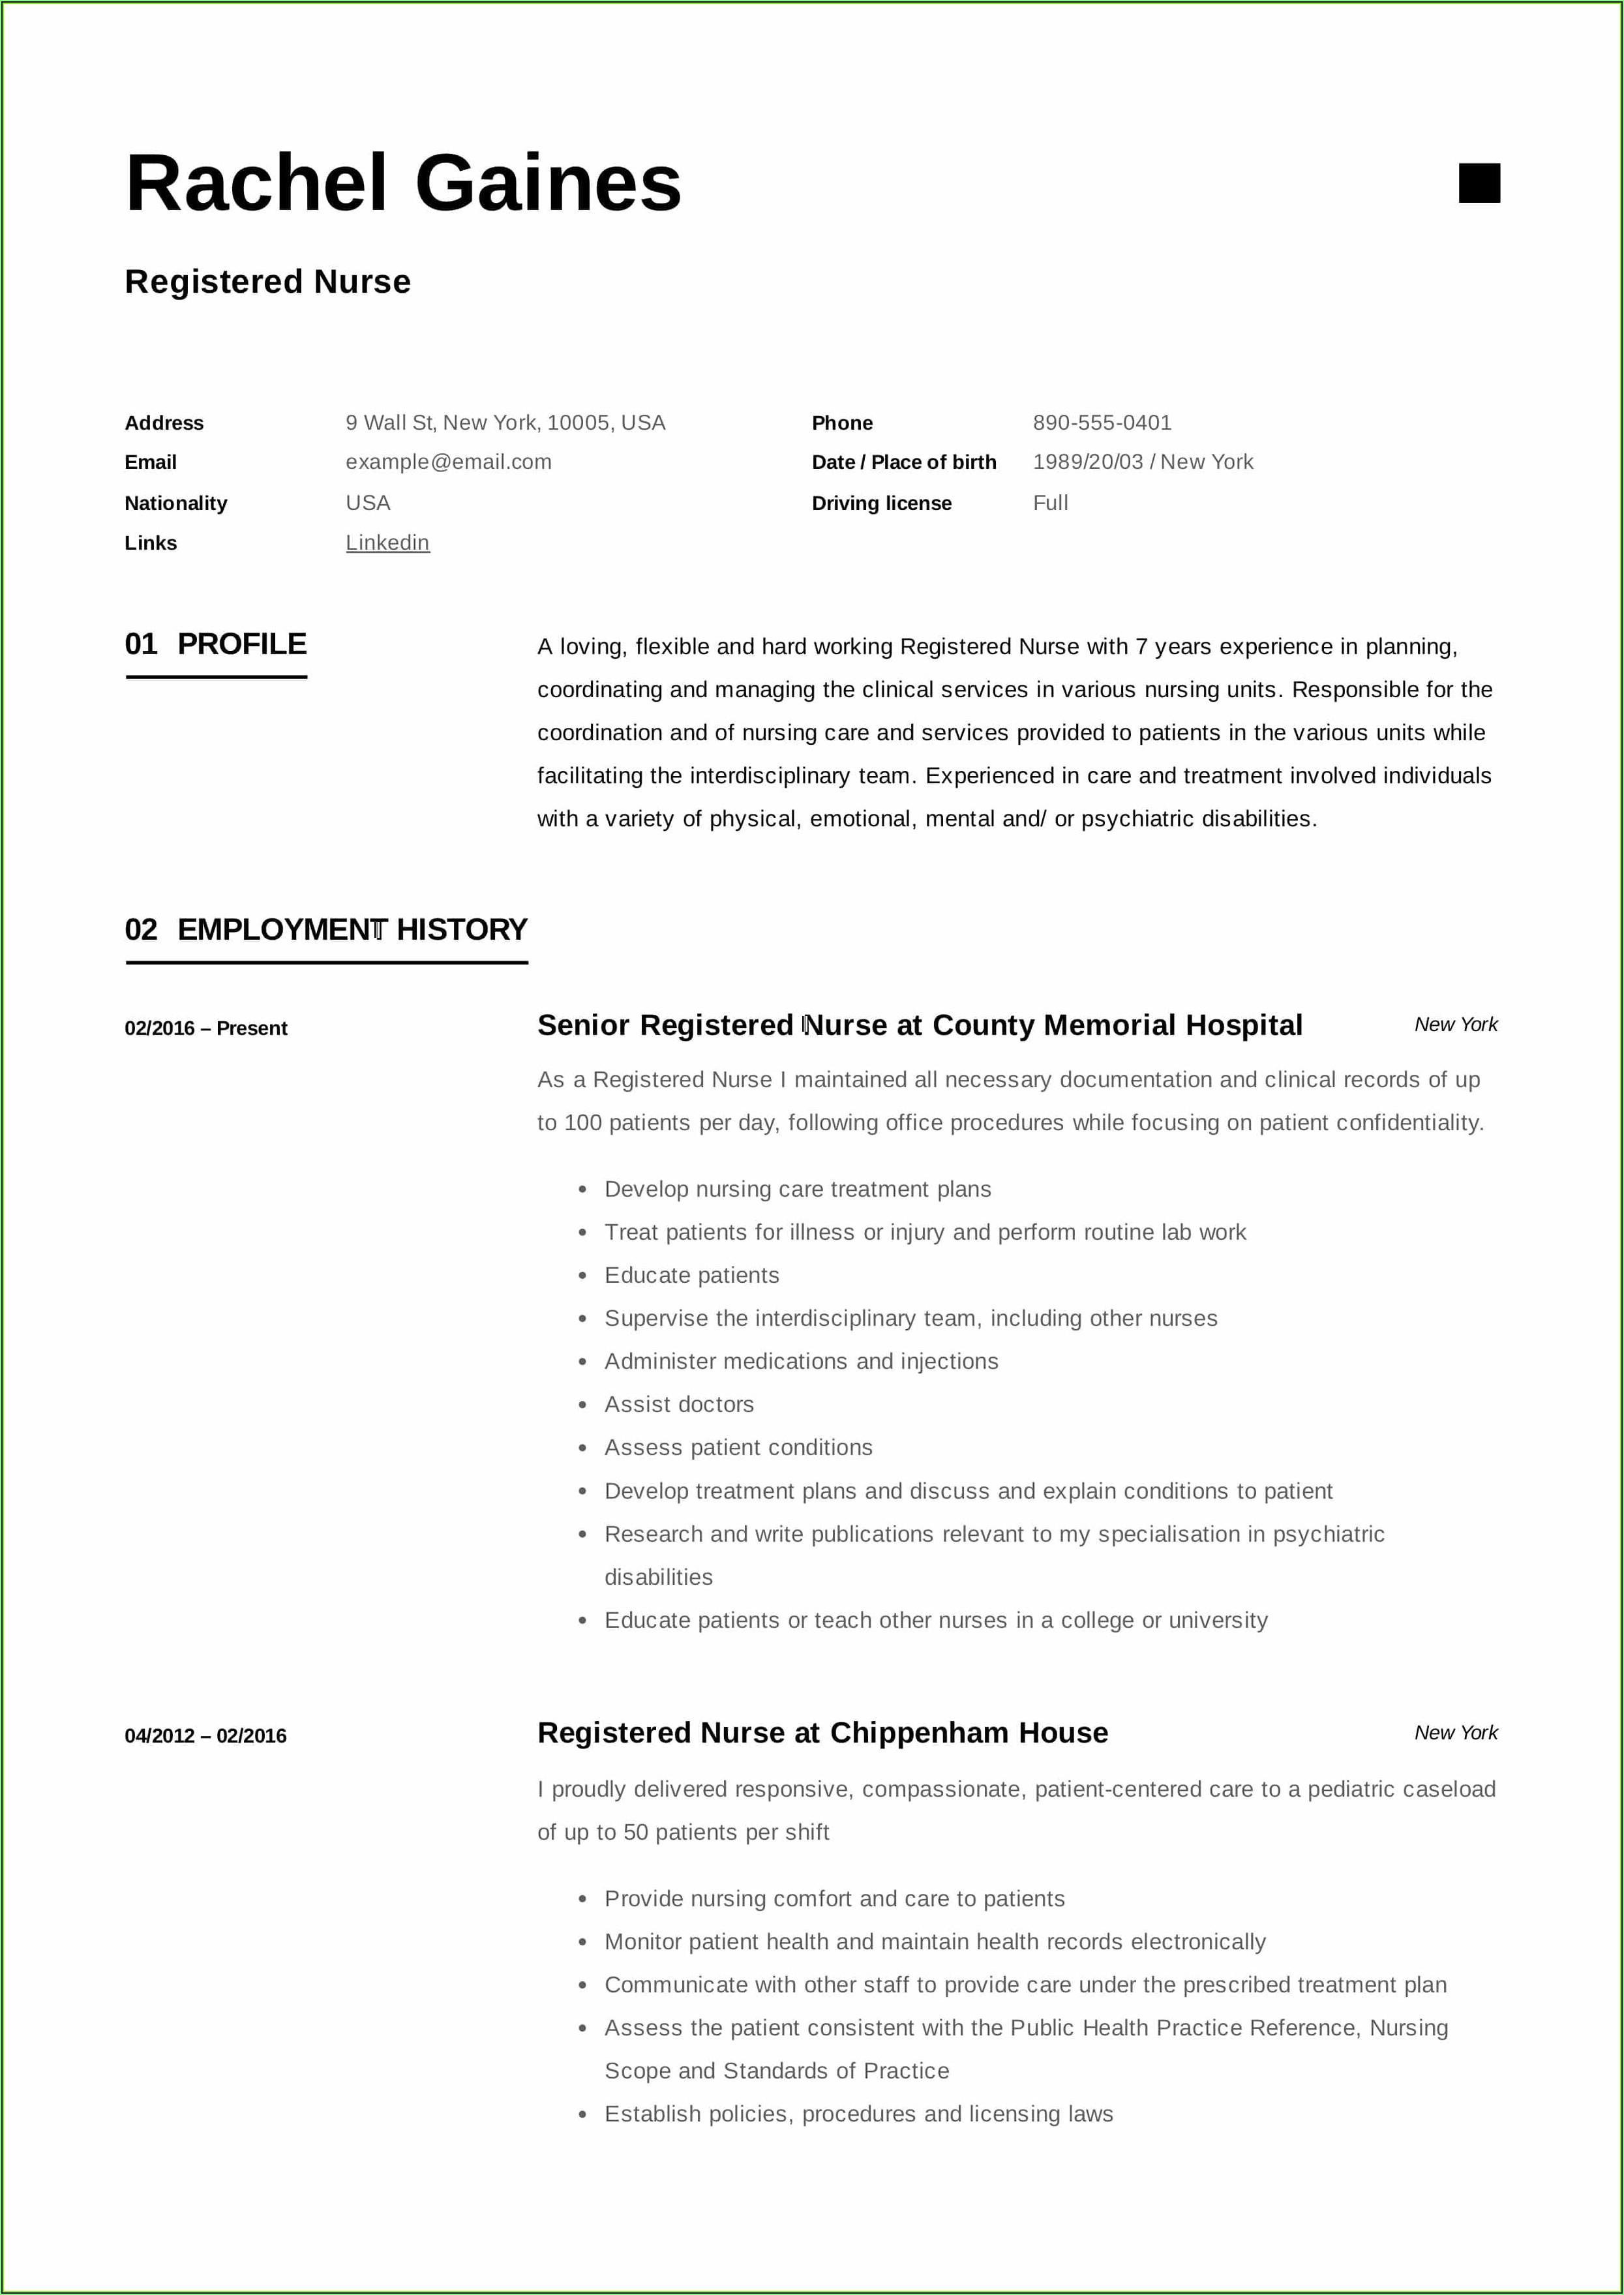 Resume Sample For Registered Nurse Position